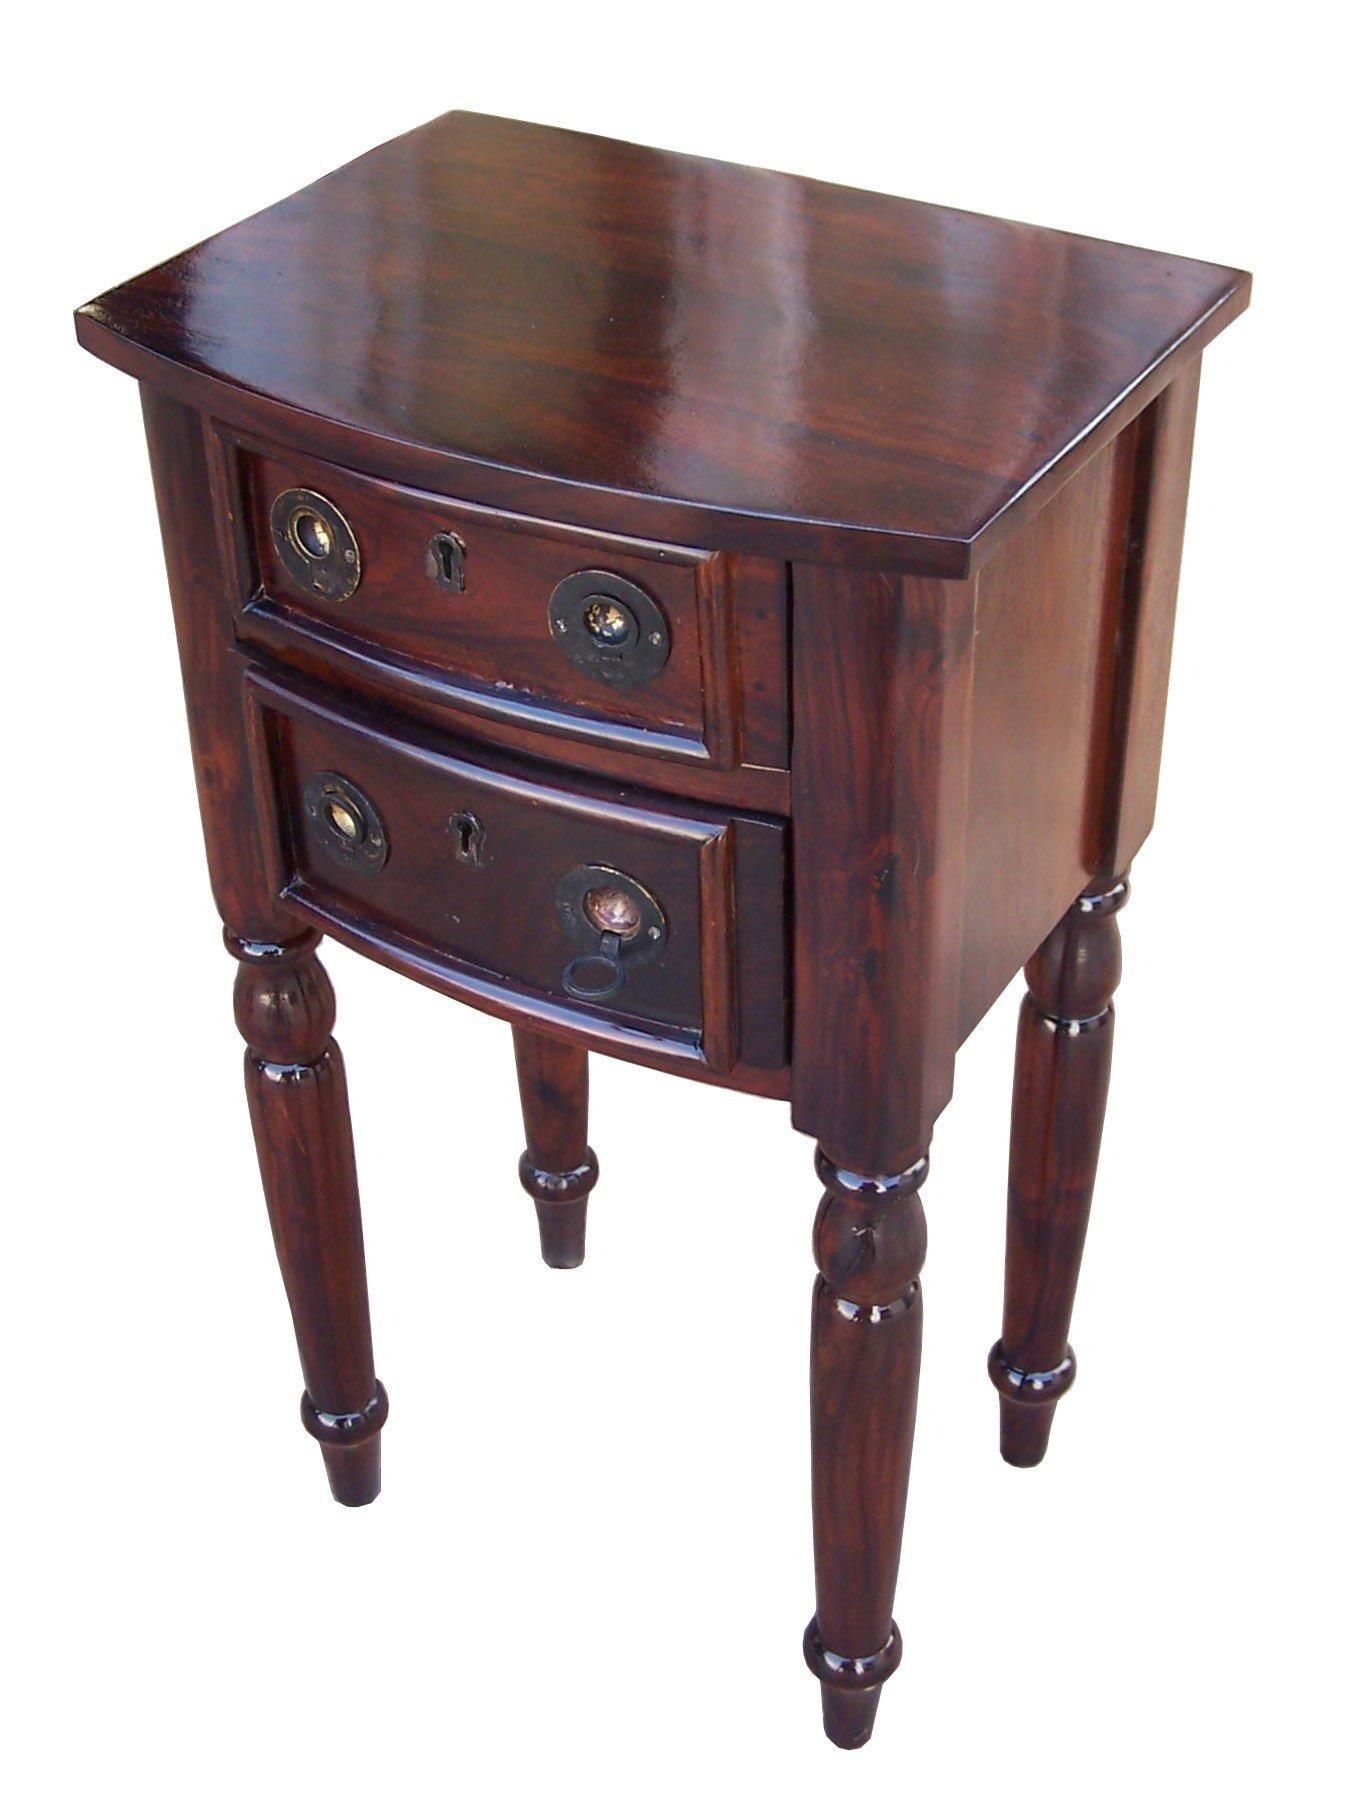 Wooden Side Table Wooden Side Table Buy Wooden Table Product On Alibabacom